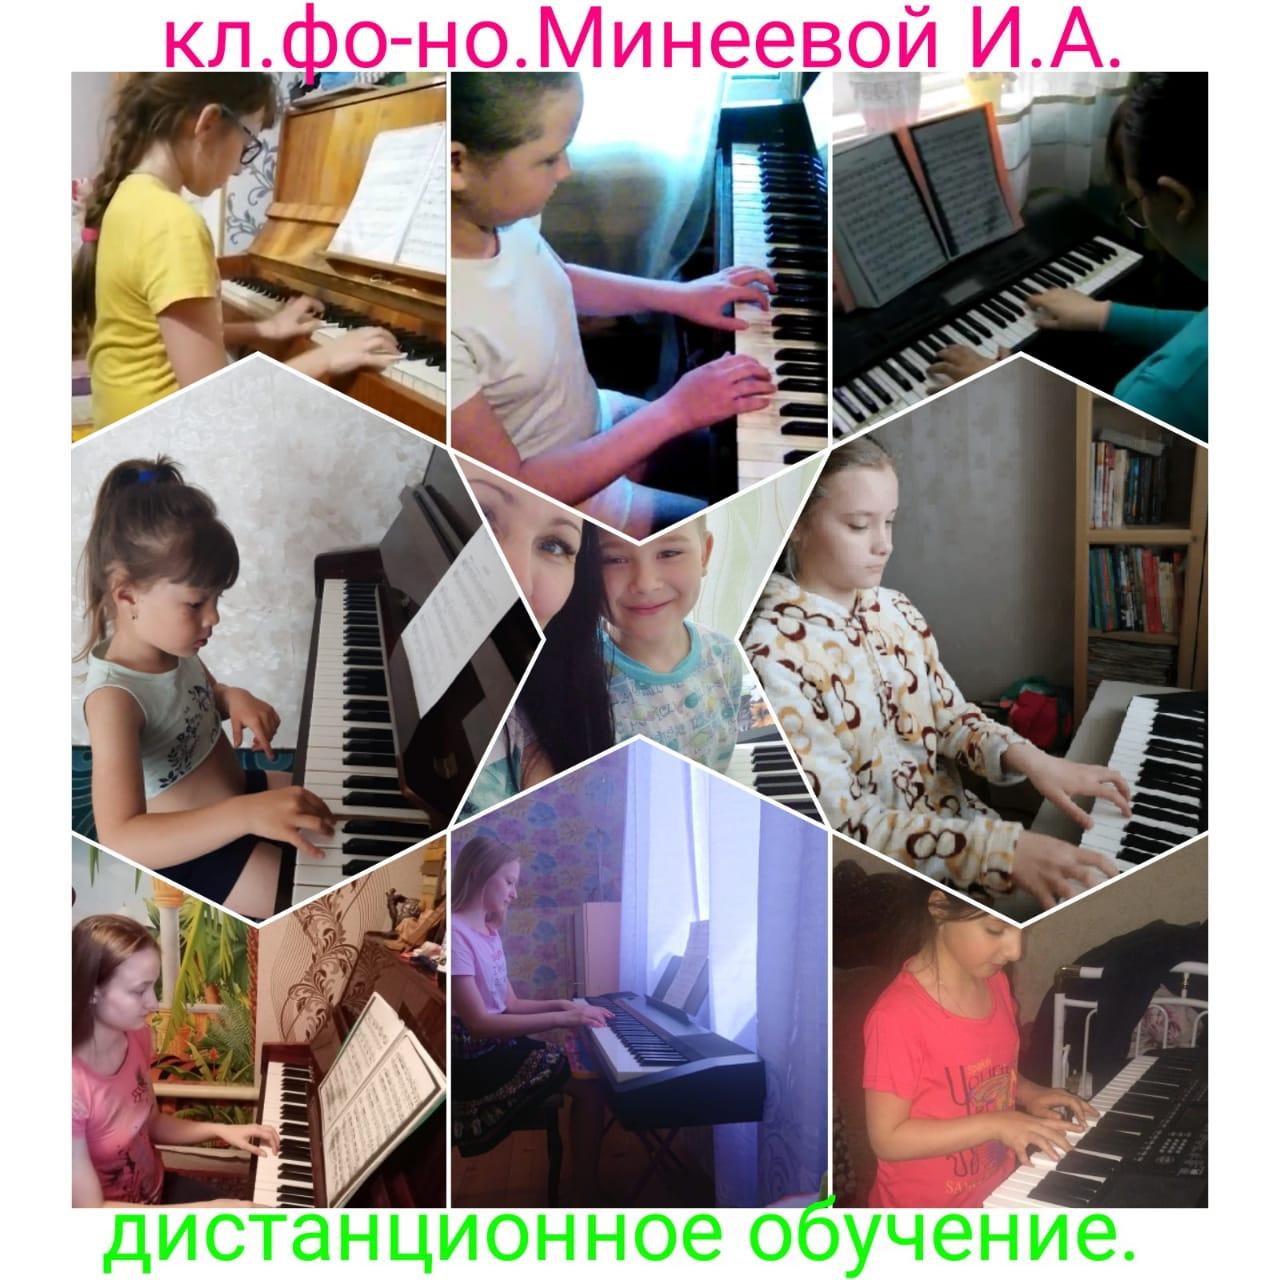 Дистанционное обучение: класс фортепиано